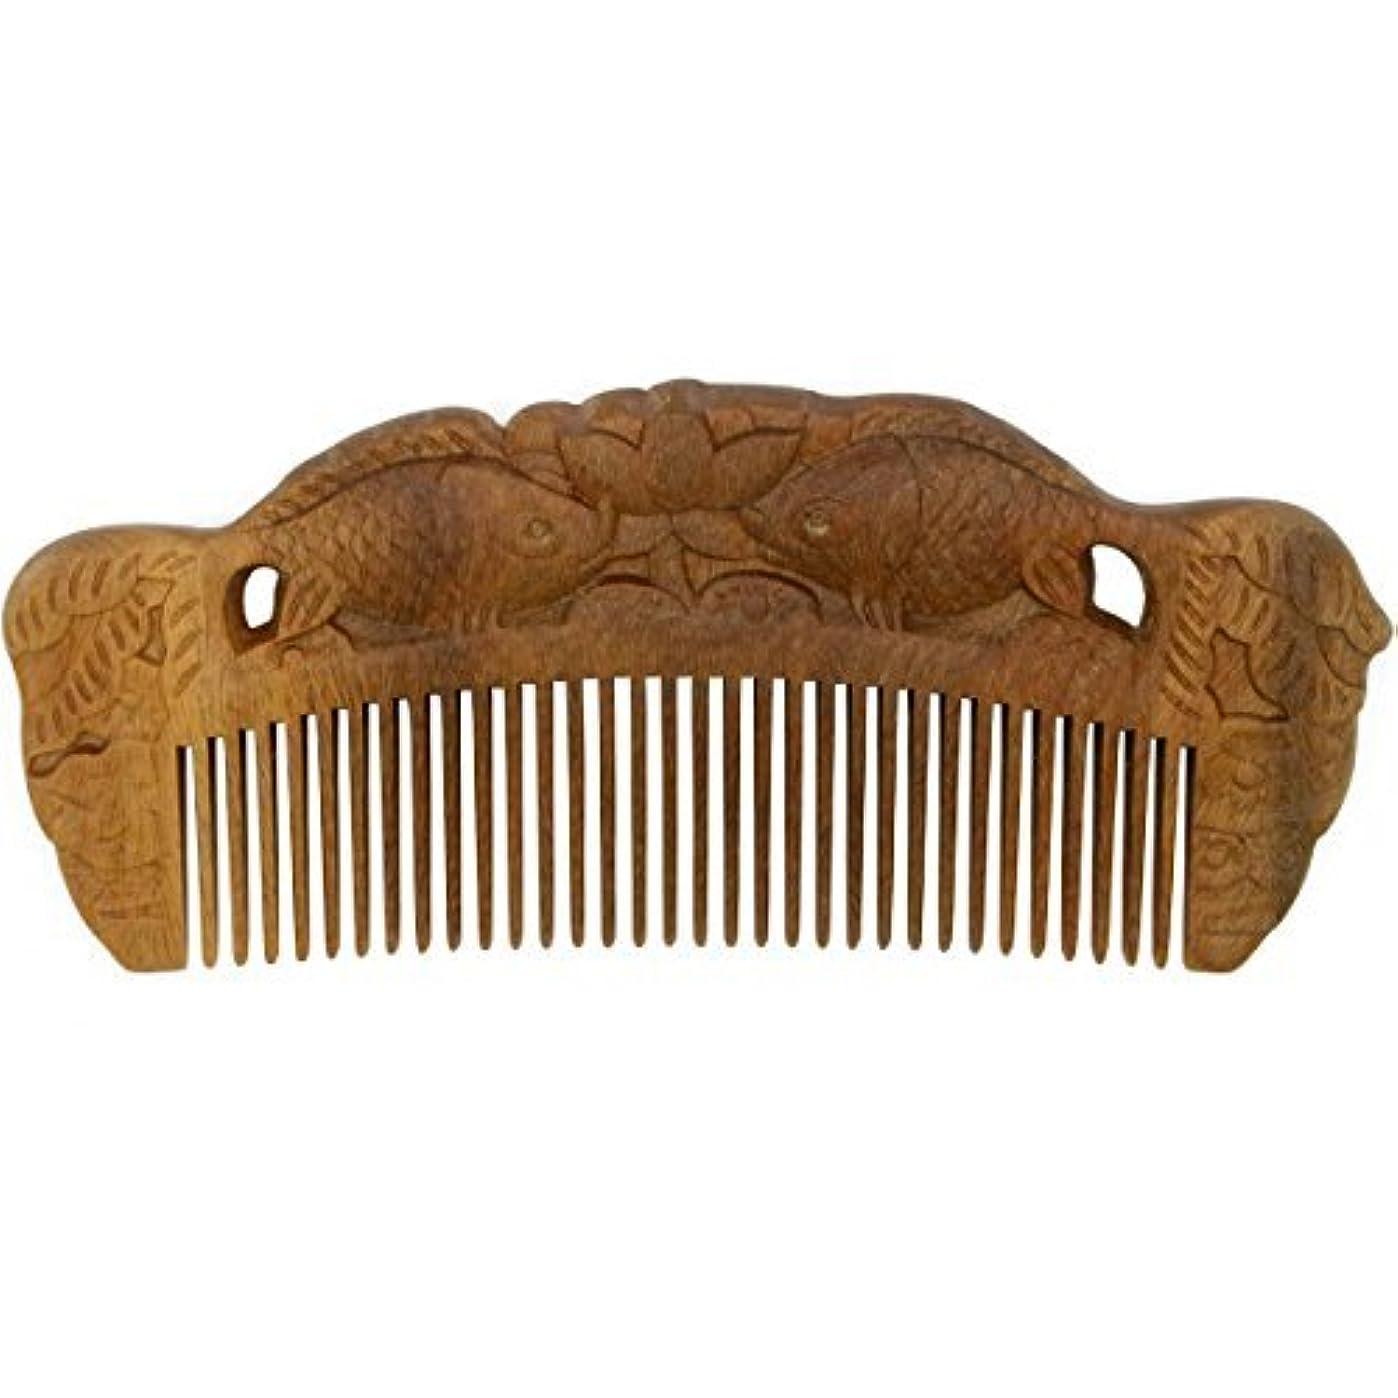 祖母花に水をやるマグYOY Handmade Carved Natural Sandalwood Hair Comb - Anti-static No Snag Brush for Men's Mustache Beard Care Anti...